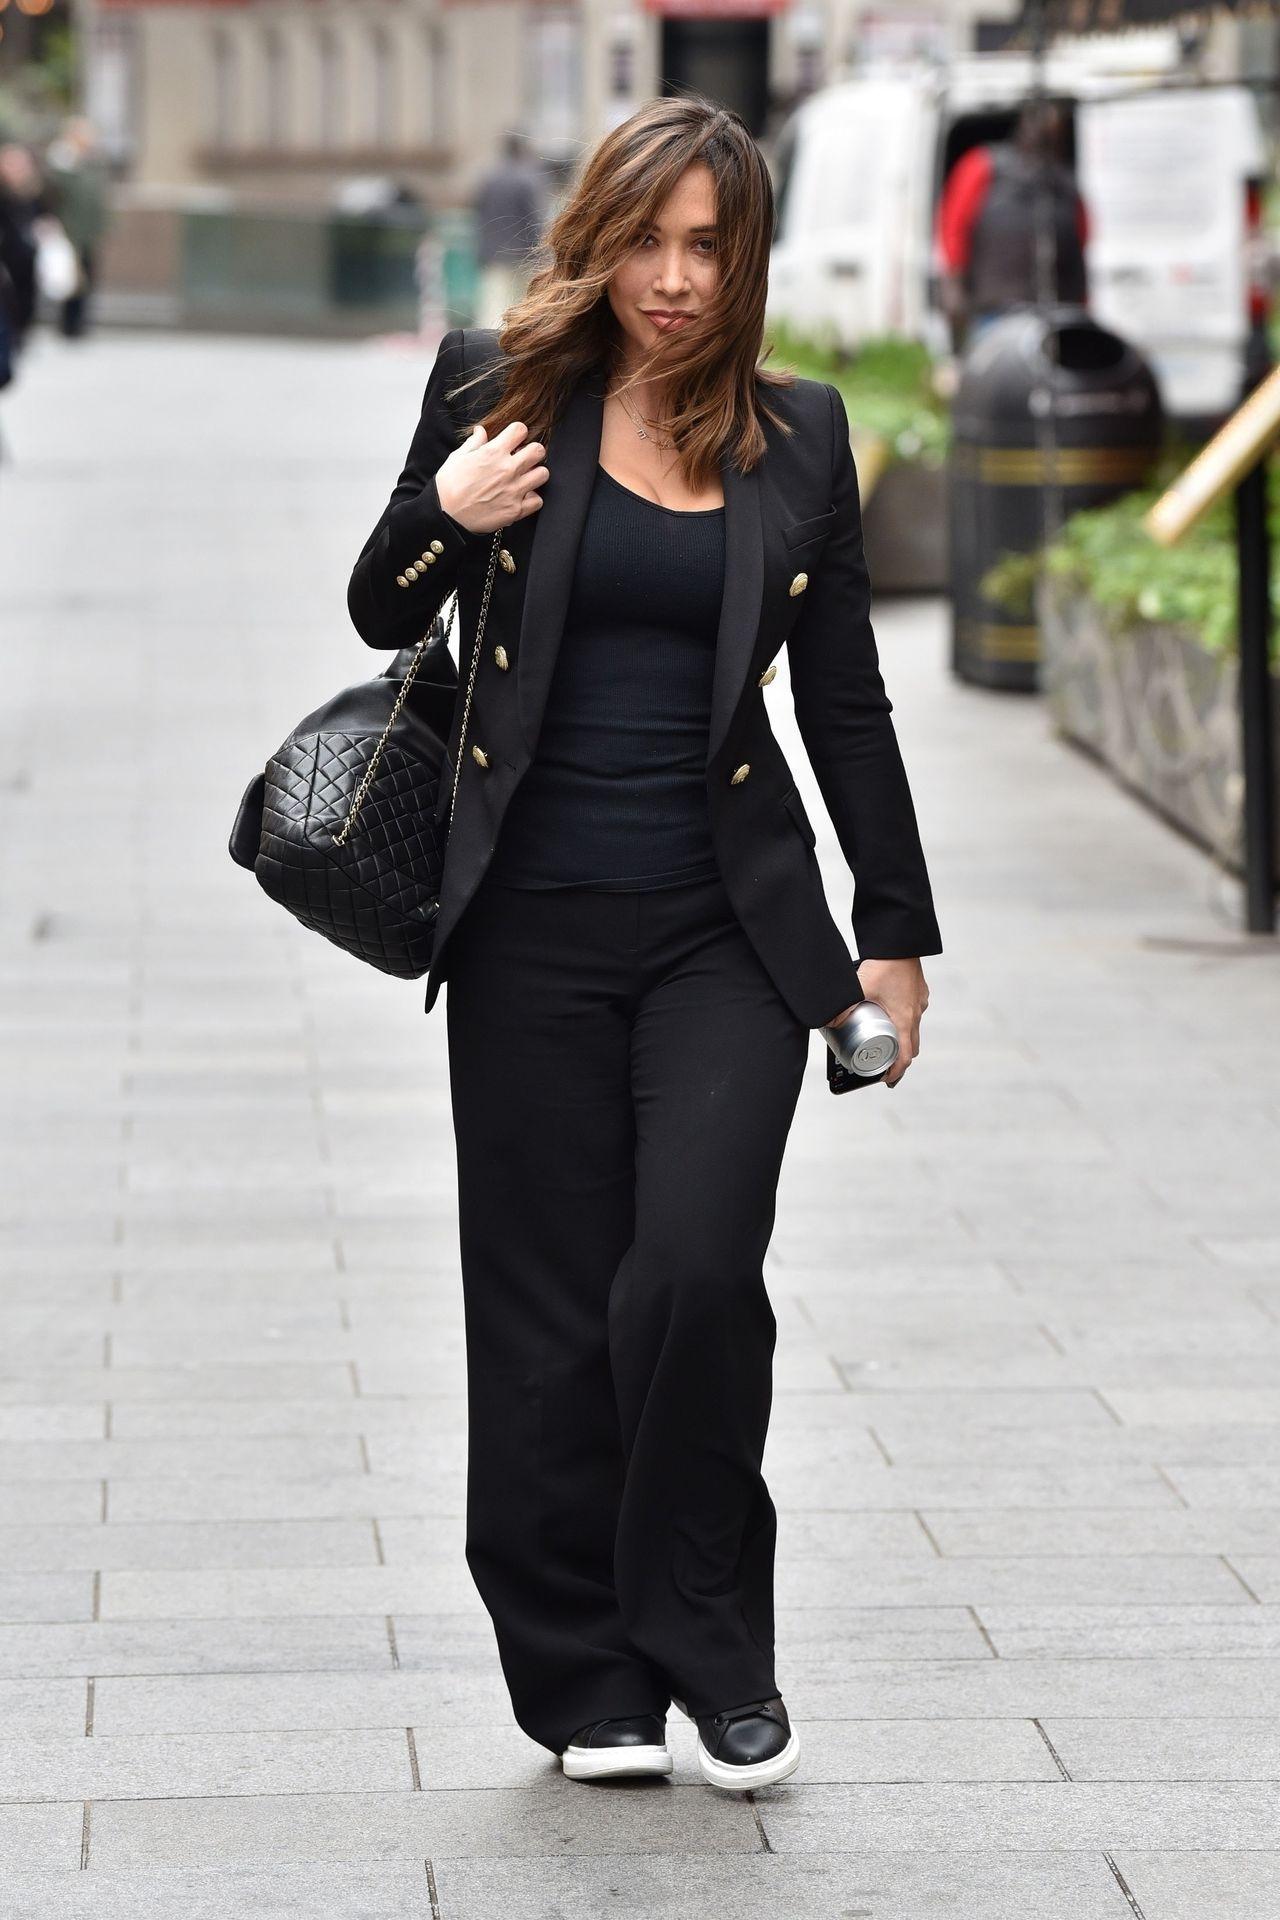 Myleene Klass Looks Hot In All Black In London 0010